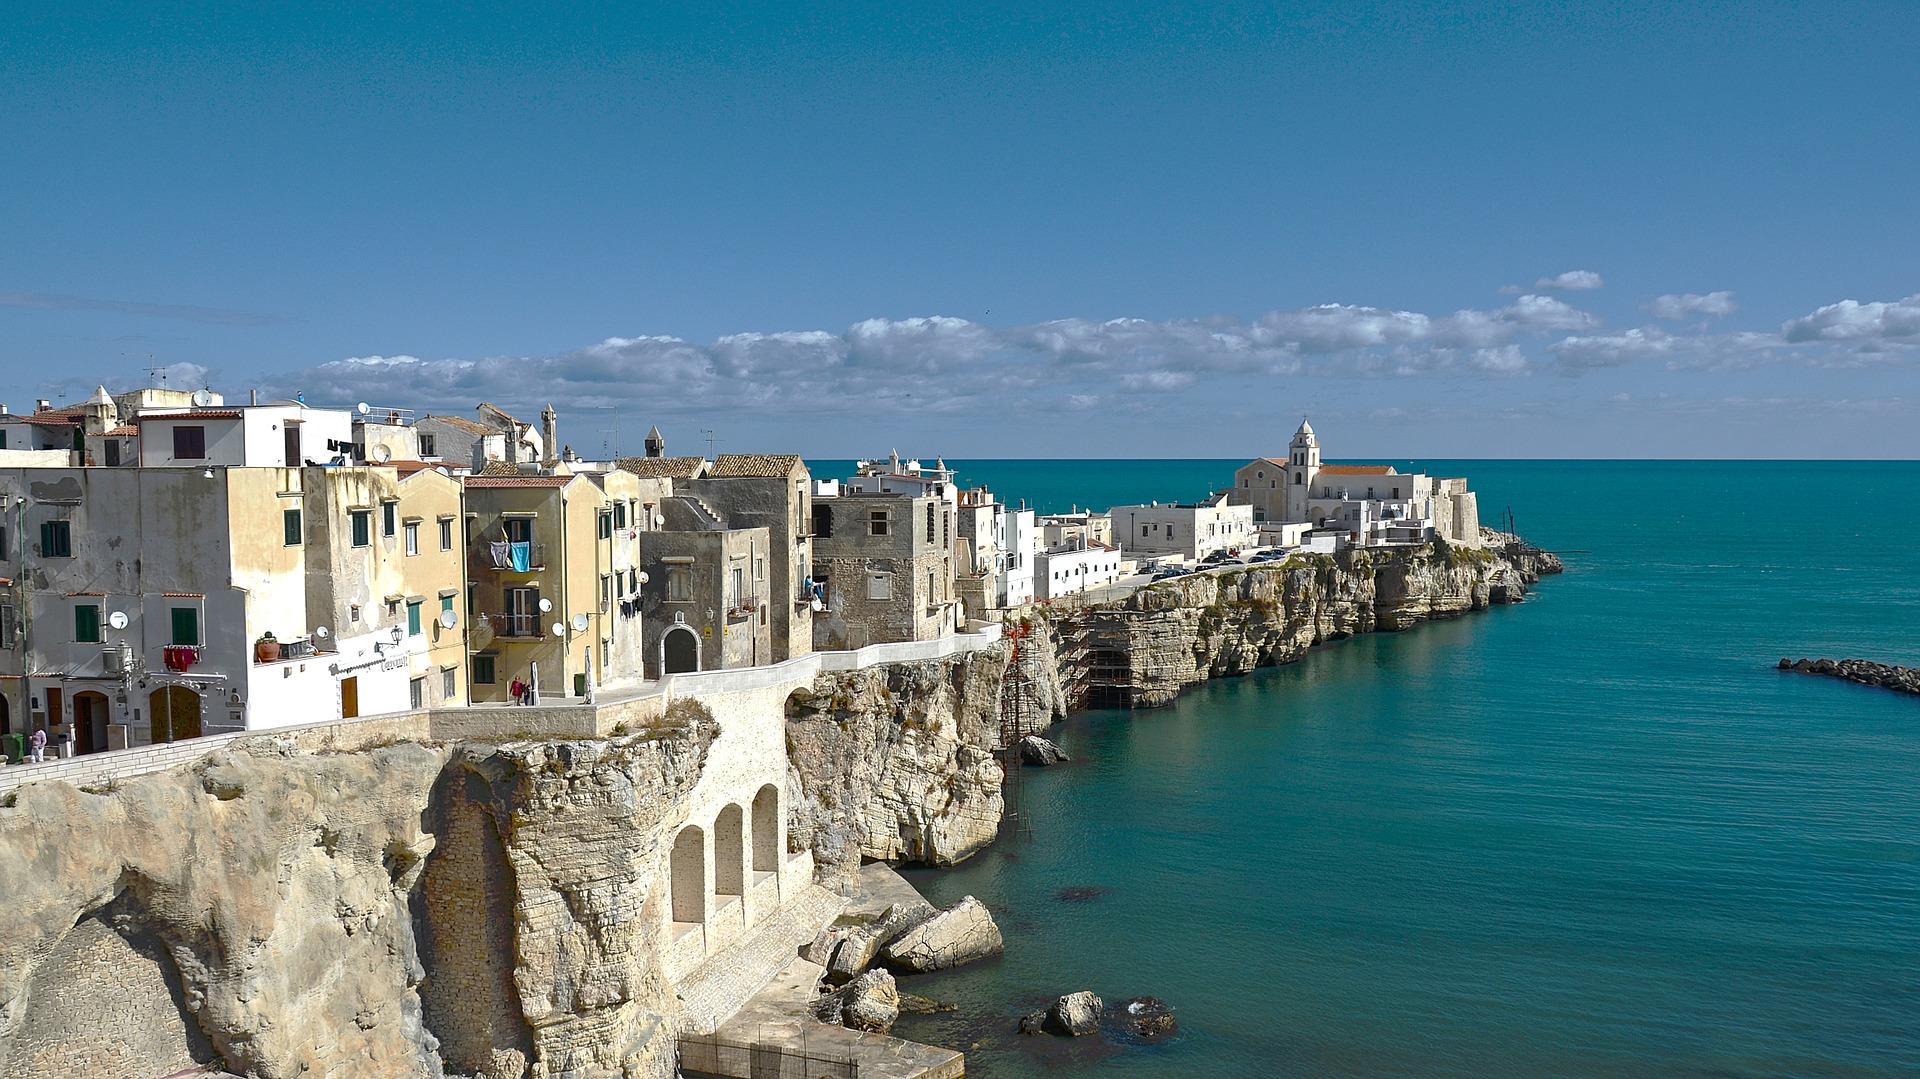 Direktflüge nach Bari so günstig da lohnt sich doch eine Städtereise an die Adria